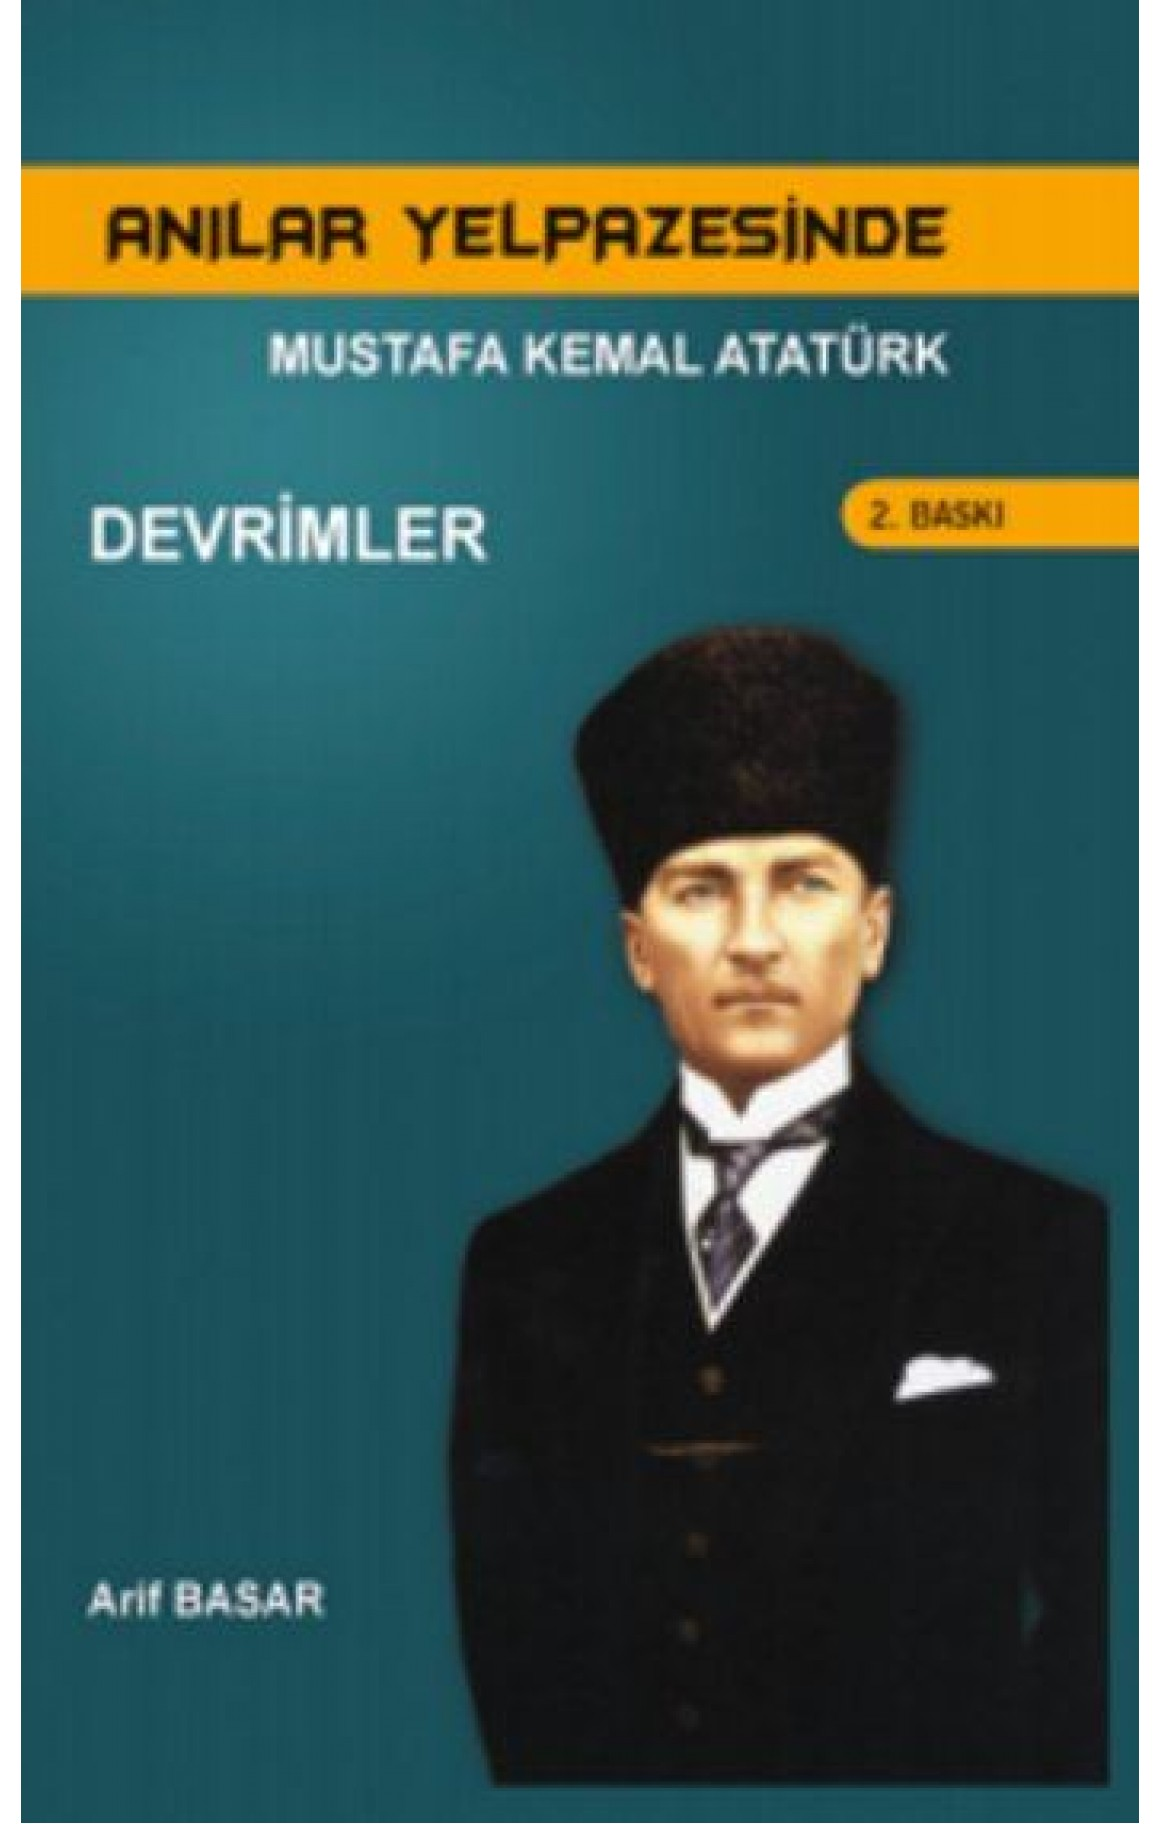 Mustafa Kemal Atatürk Devrimler